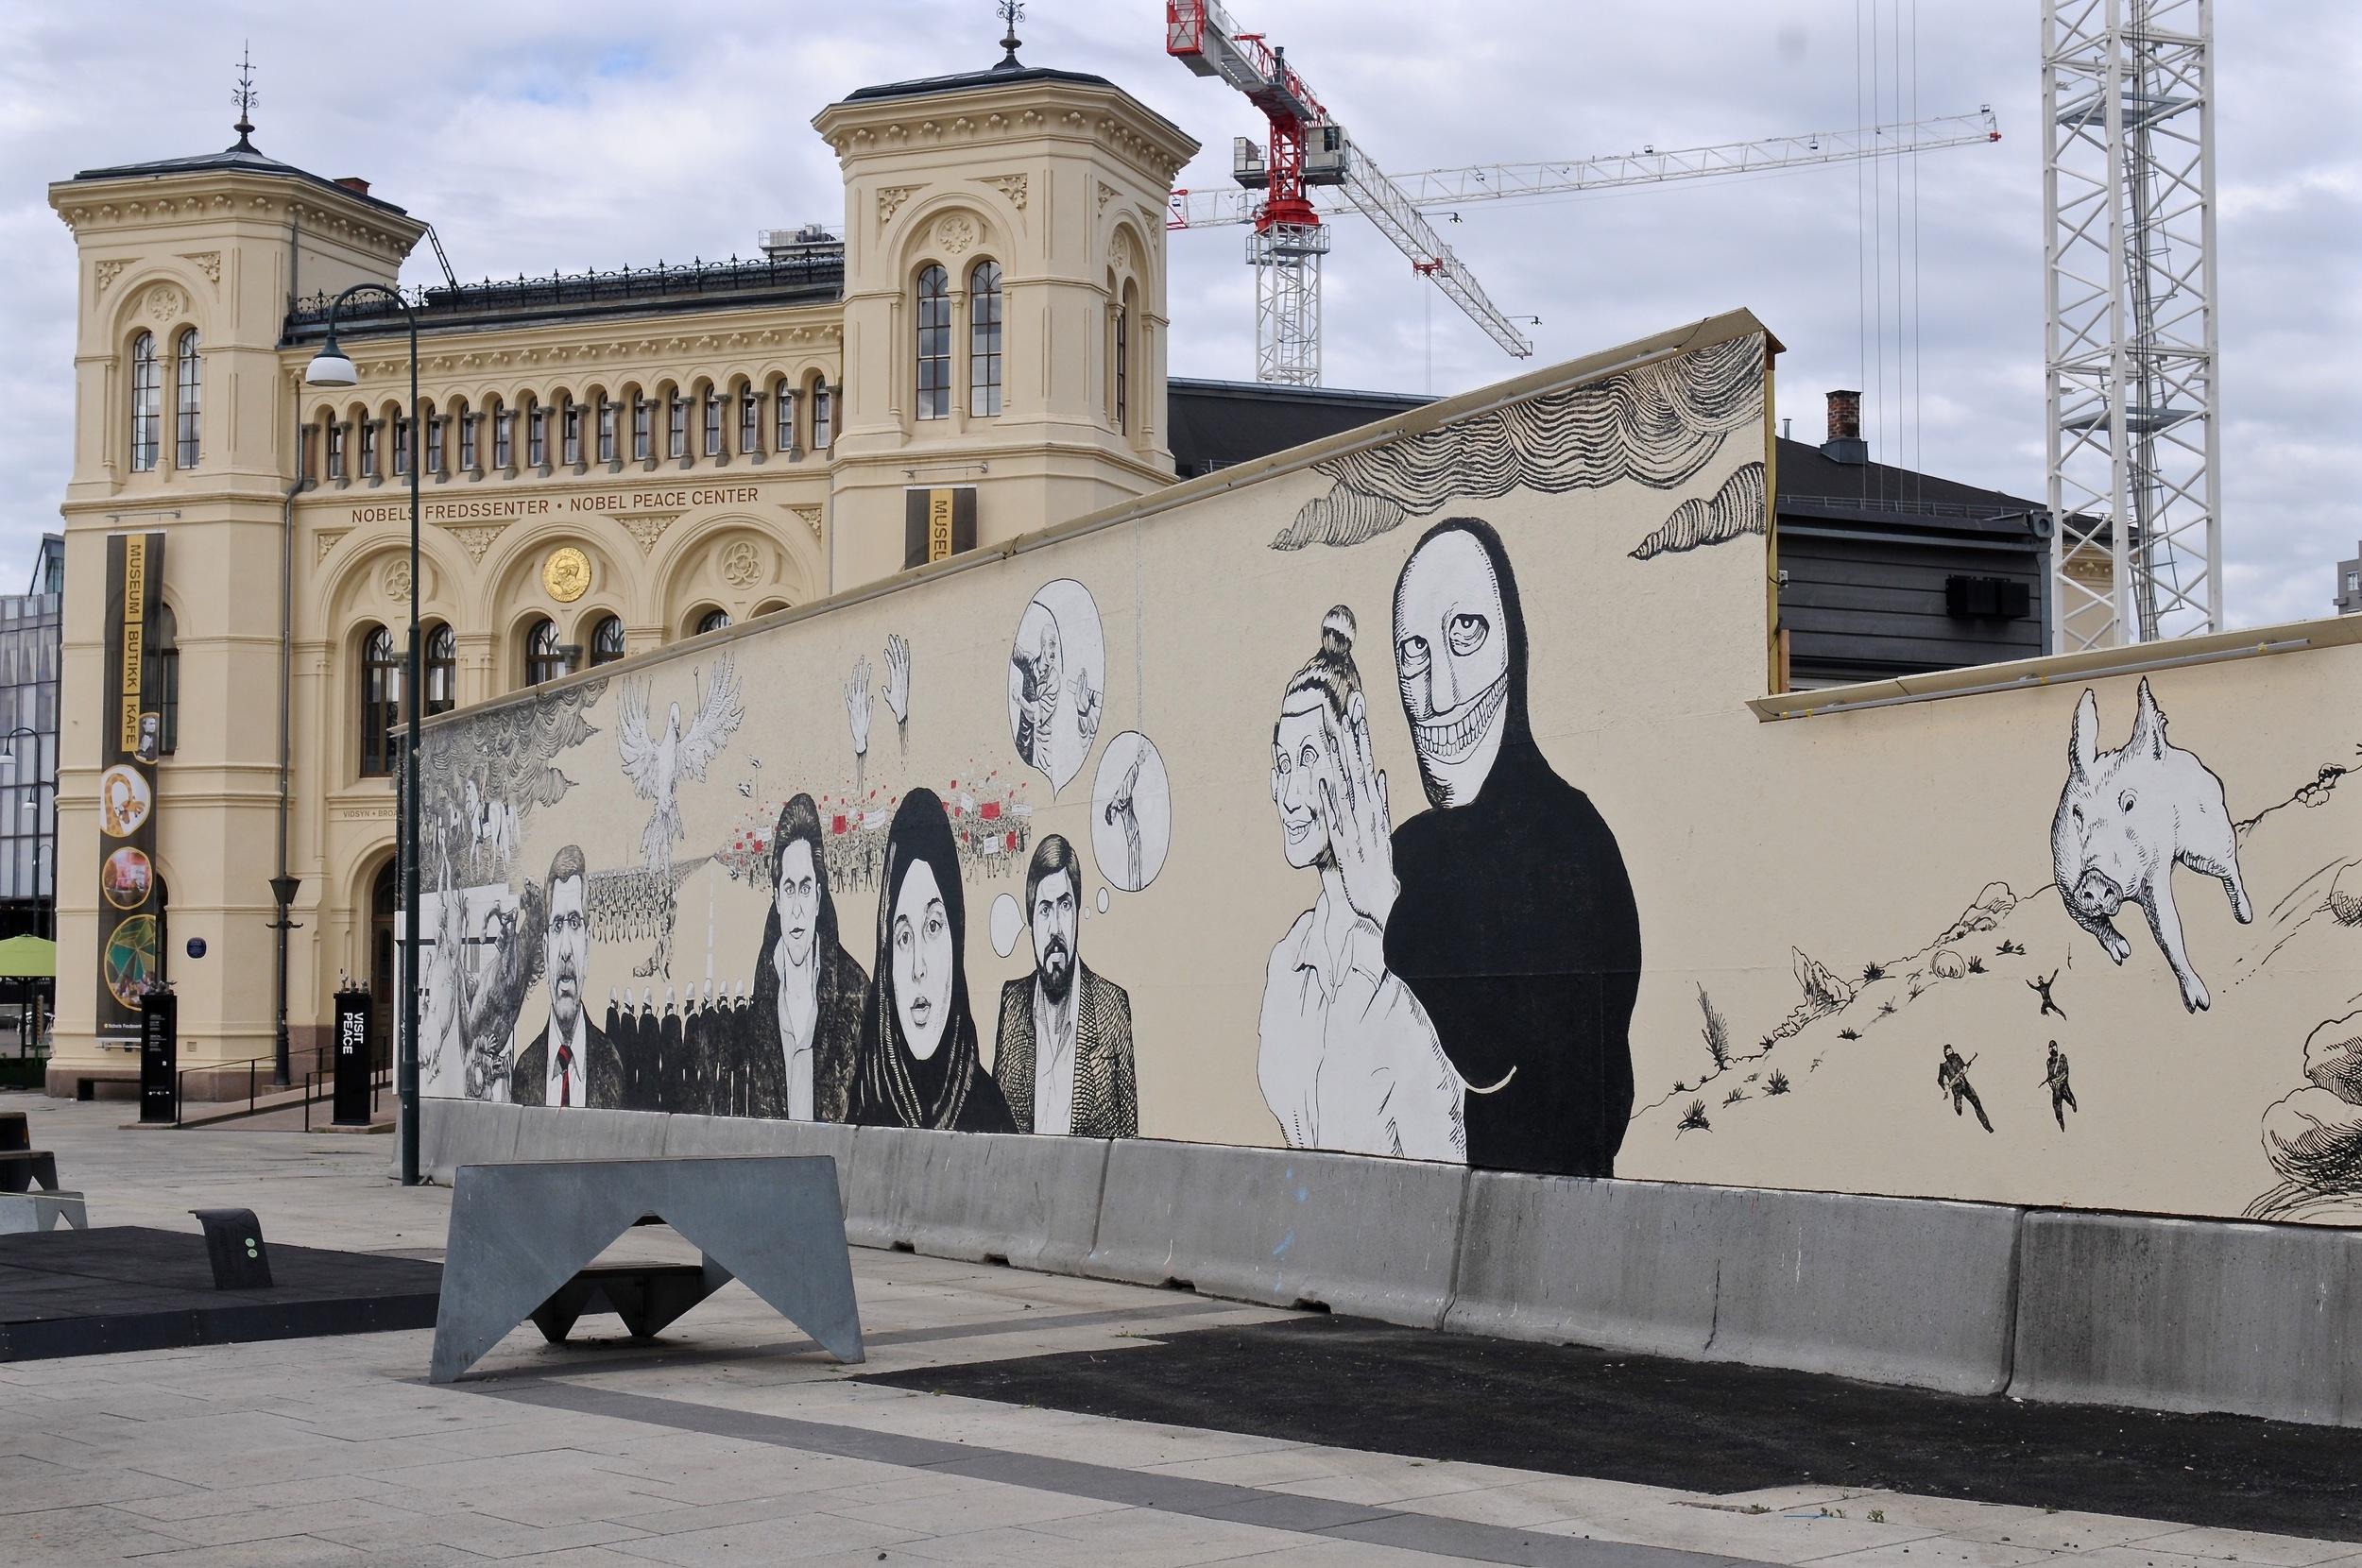 I juni 2016 ble et nytt verk laget påbyggegjerdet utenfor Nobels Fredssenter. Verket Unknown Numbers er viet ytringsfriheten og består av store, monumentale portretter av ytringsfrihetsforkjempere og grafiske kommentarer til ytringsfrihetens kår i verden idag.  Les mer.